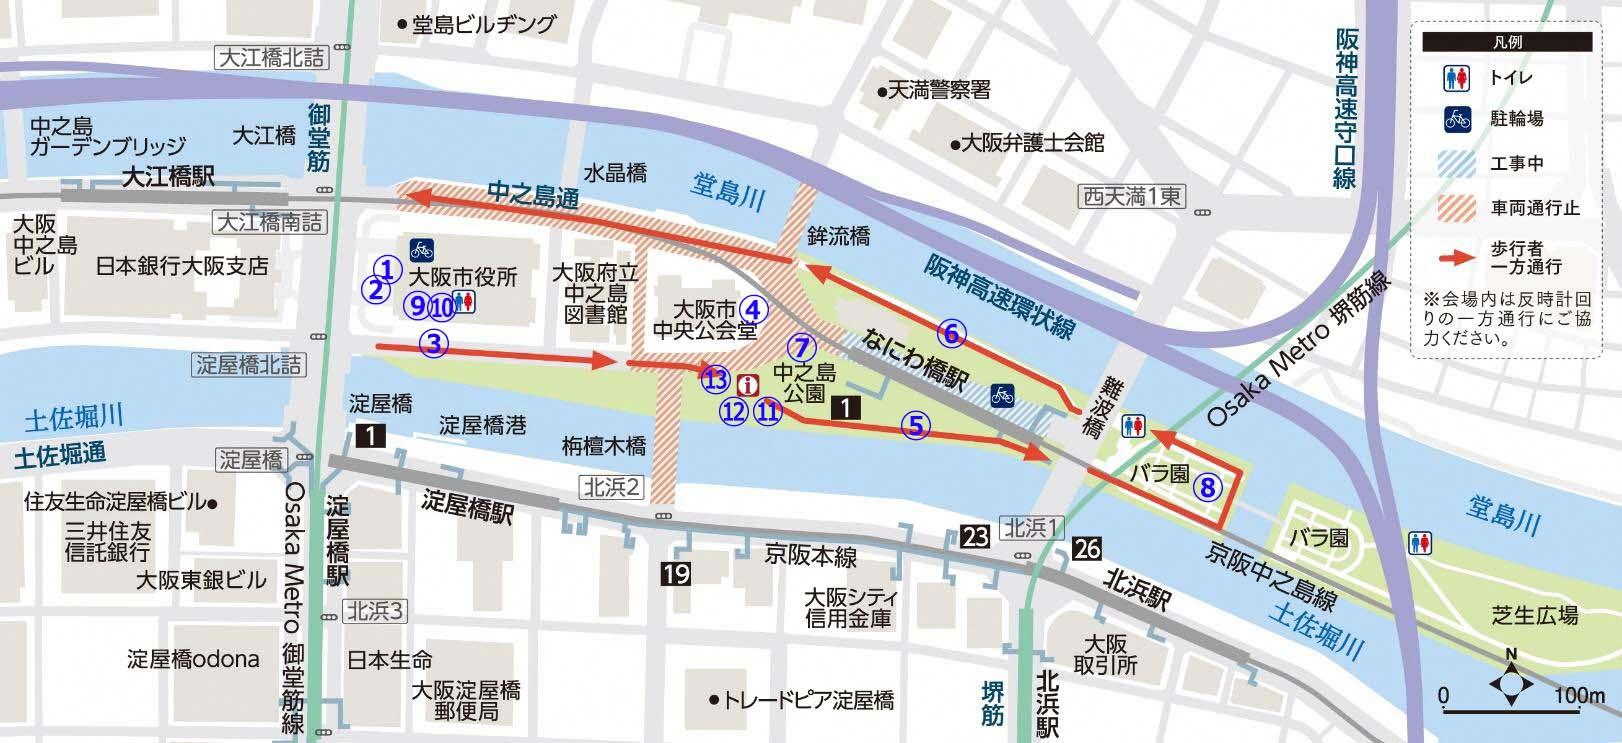 中之島イルミネーションマップ